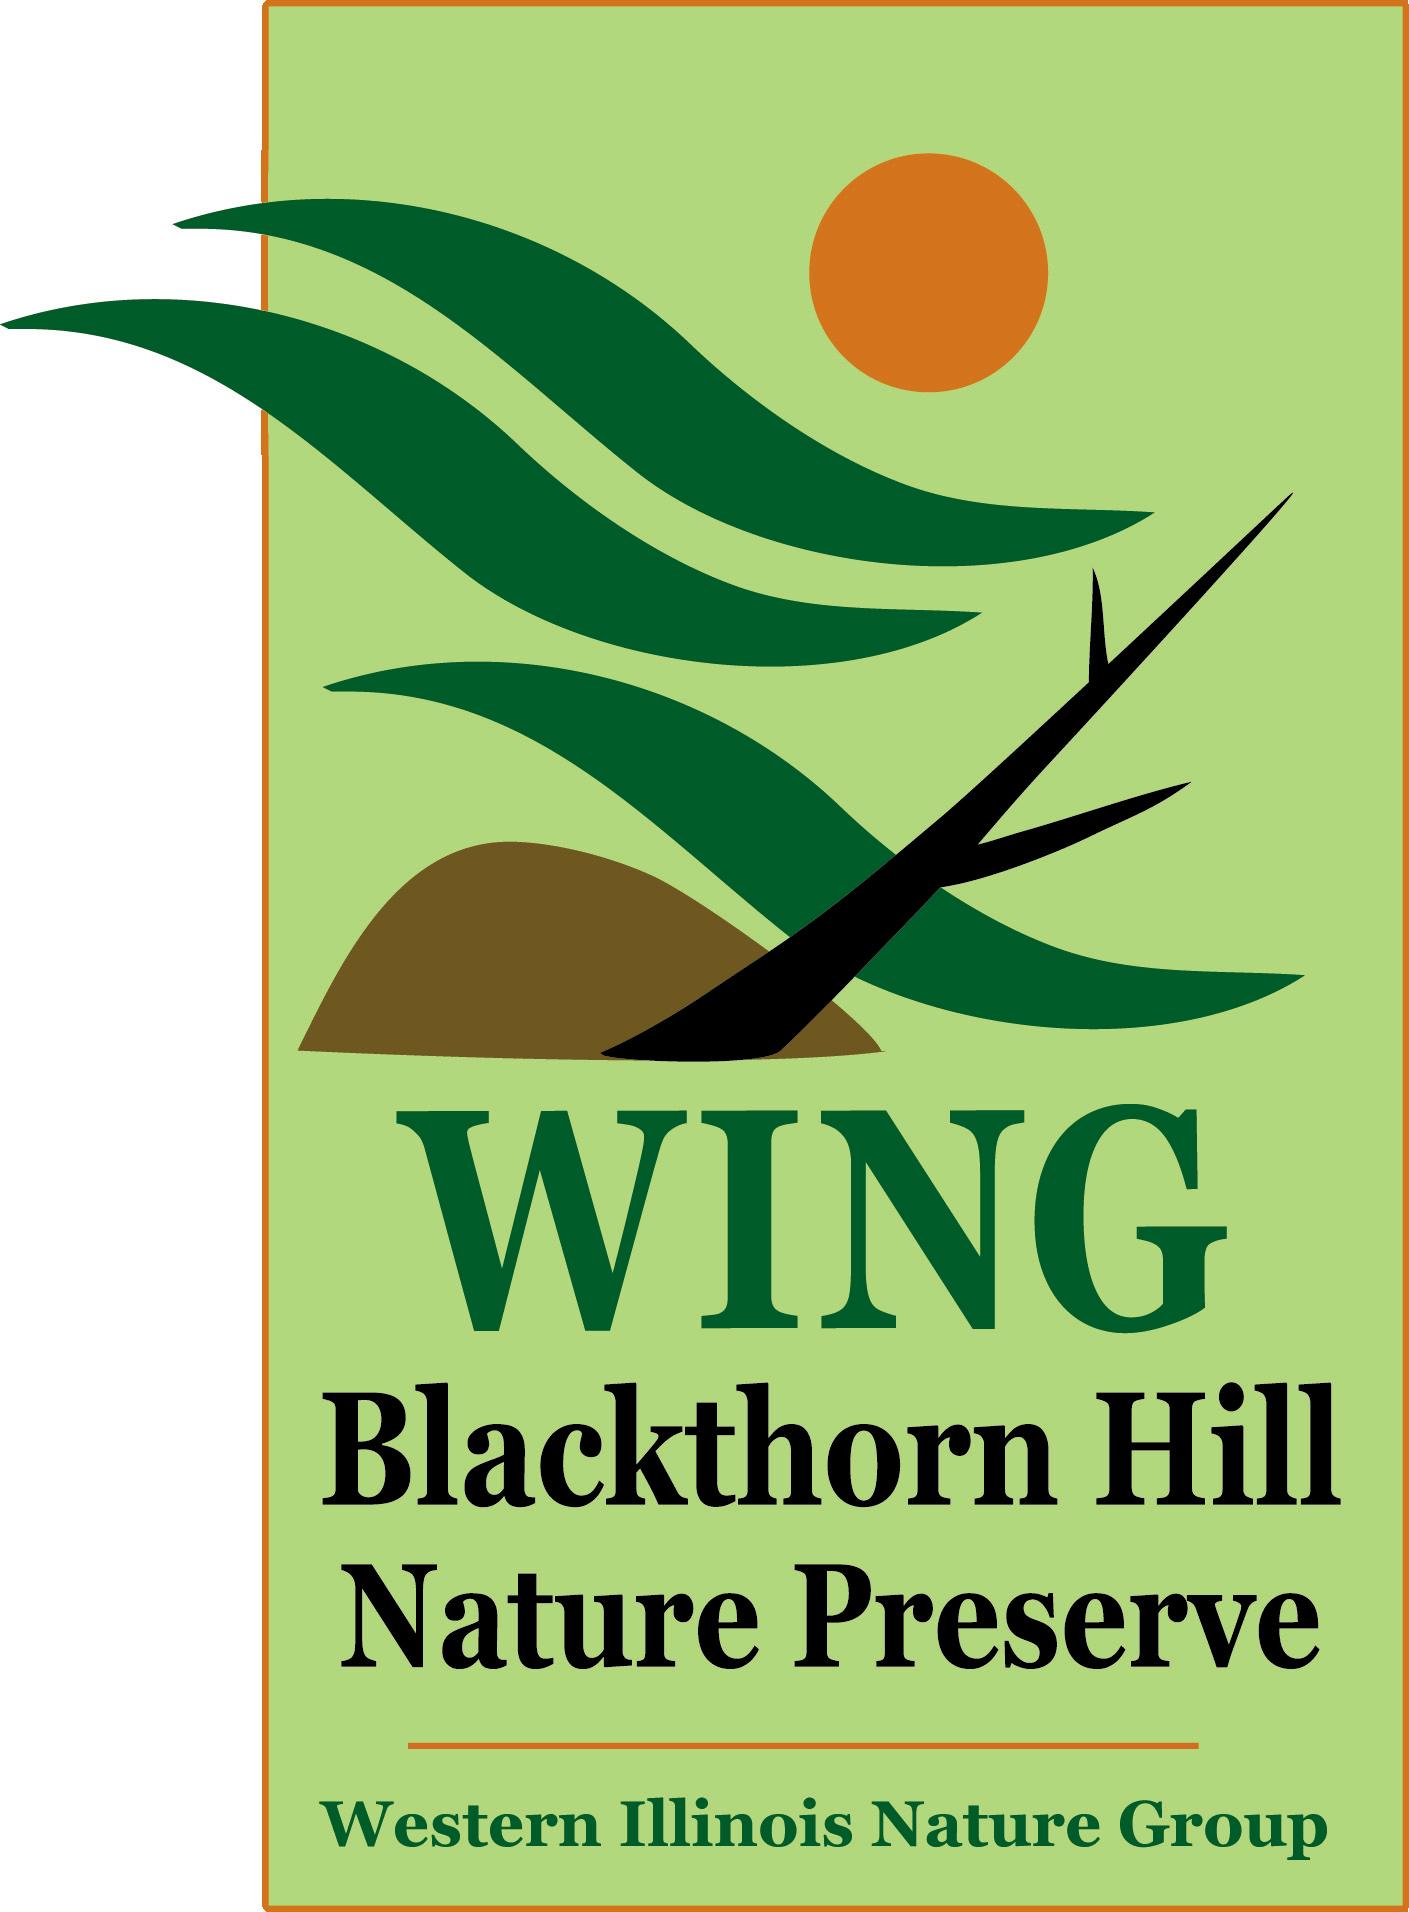 WING-logo (1).png